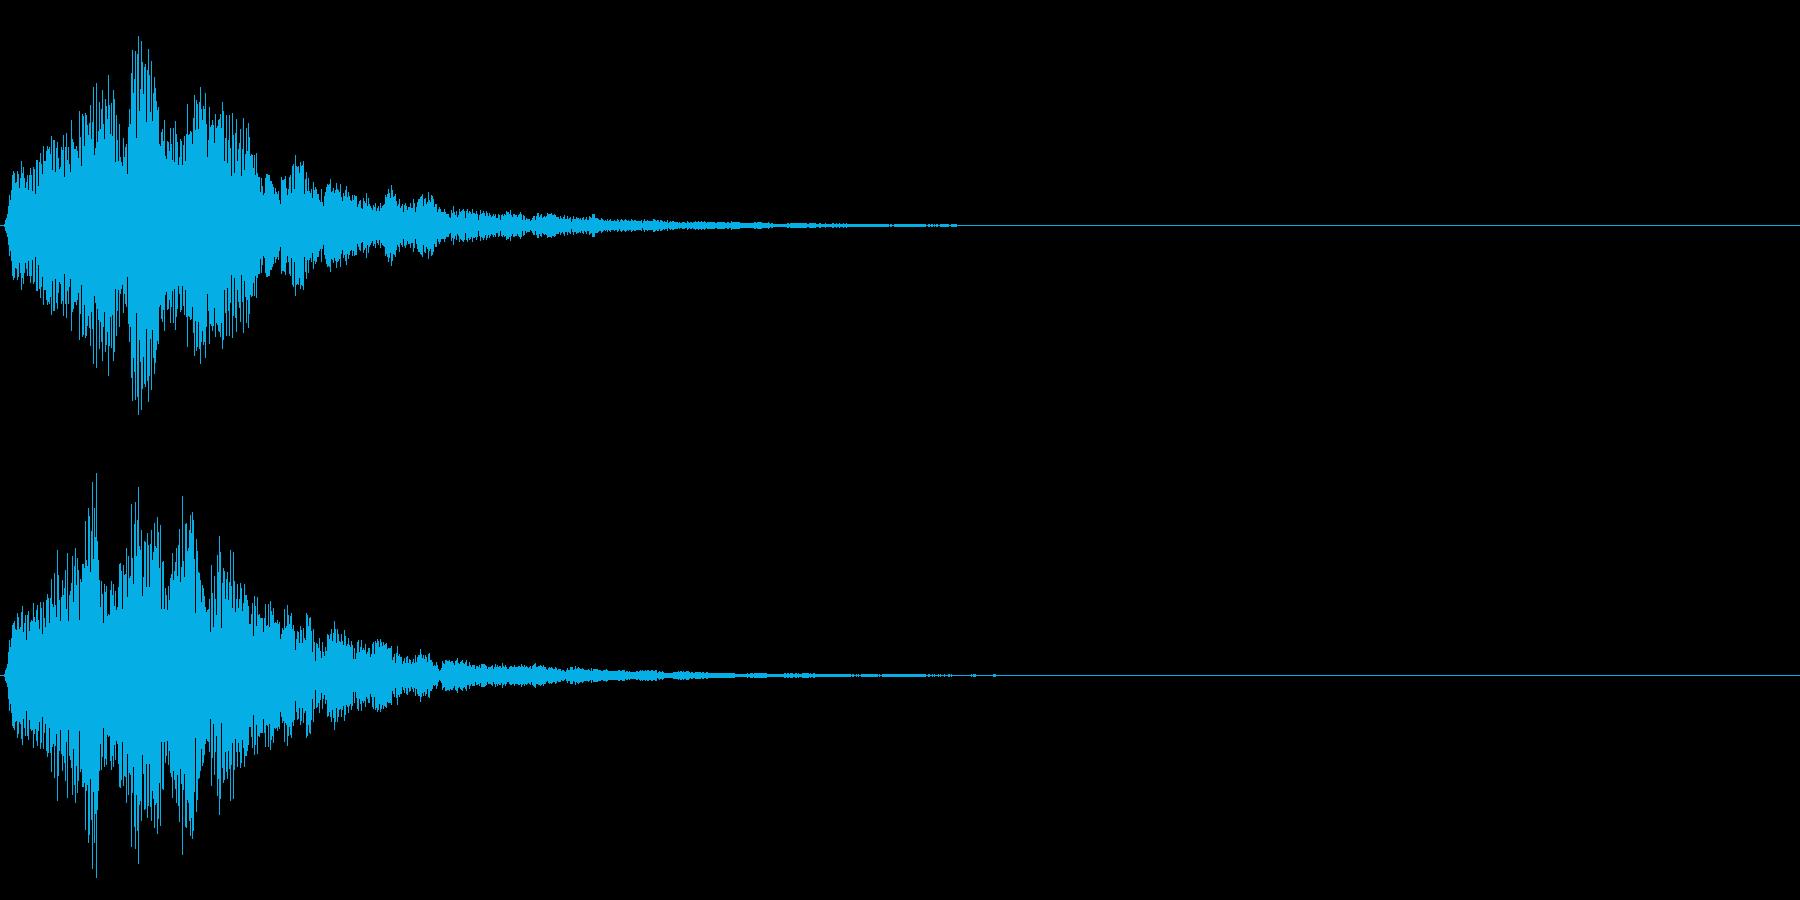 ゲームスタート、決定、ボタン音-111の再生済みの波形